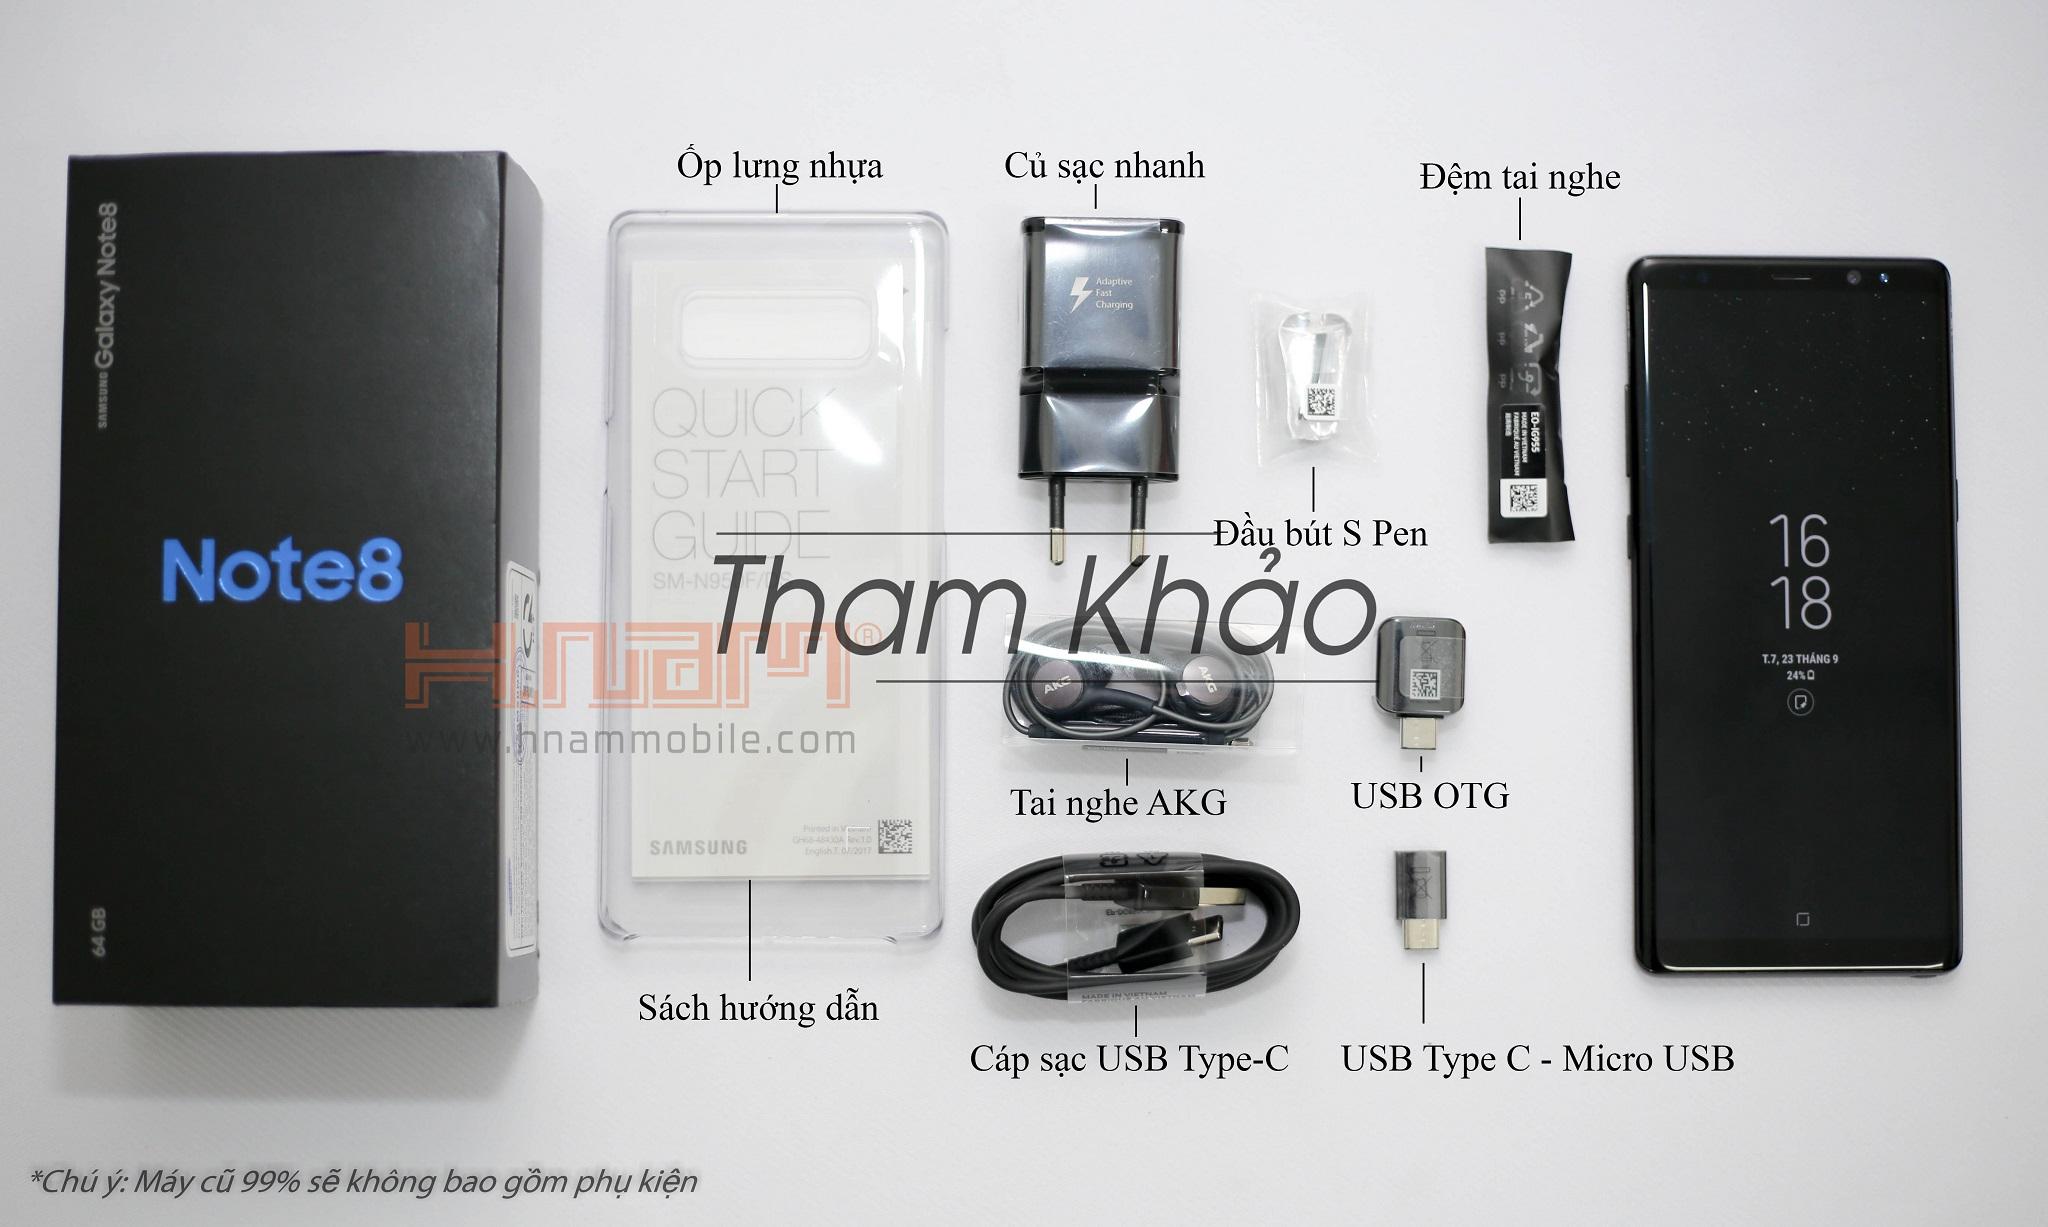 Samsung galaxy Note 8 64G Hàn Quốc ( 654 LHP ) hình sản phẩm 0